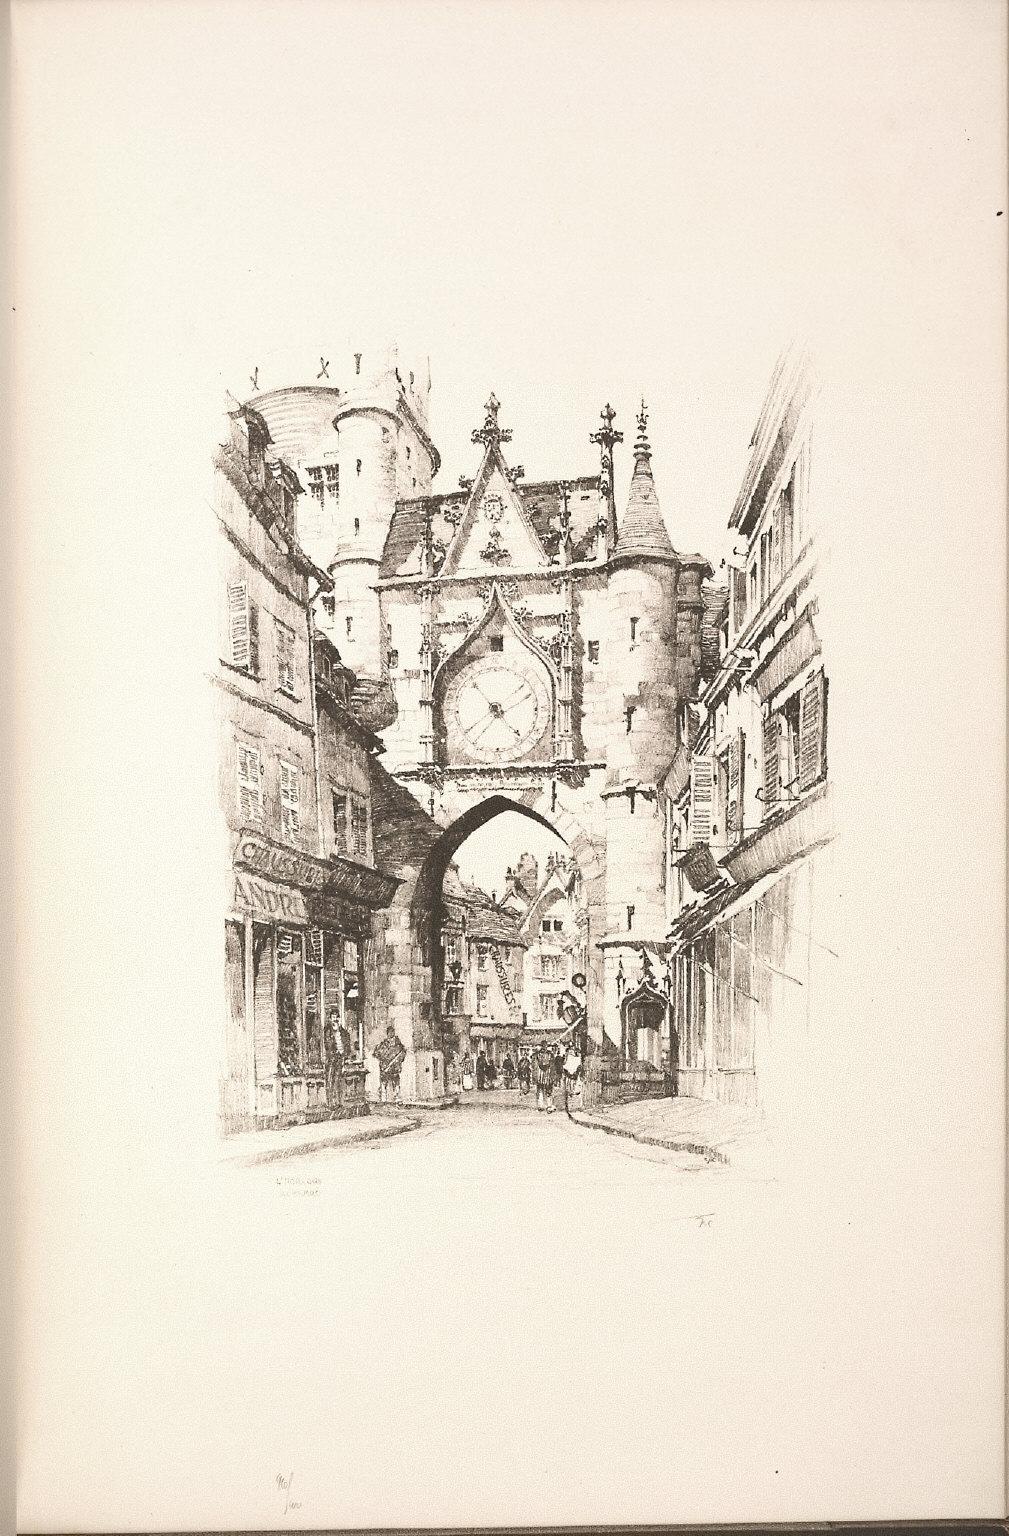 Twenty Lithographs of Old Paris: L'Horloge, Auxerre